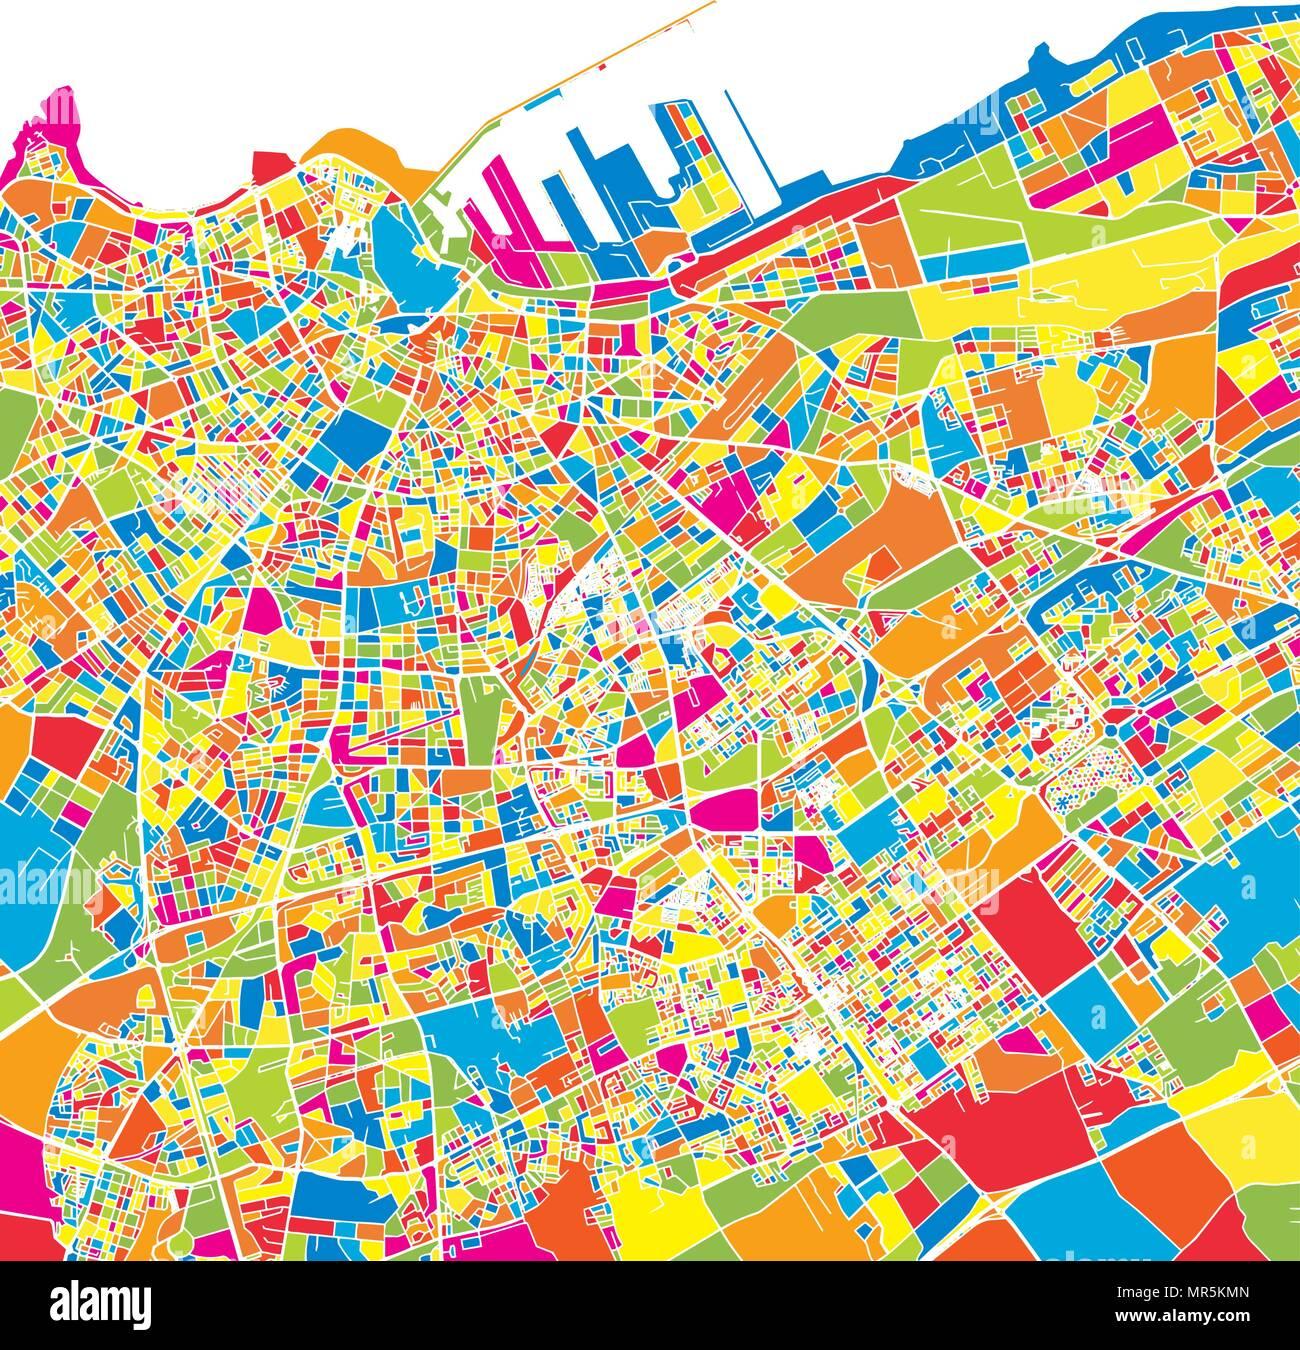 Cartina Marocco Da Colorare.Casablanca Marocco Colorata Mappa Vettoriale Strade Bianche Ferrovie E Acqua Colore Luminoso Punto Di Riferimento Forme Stampa Di Arte Pattern Immagine E Vettoriale Alamy